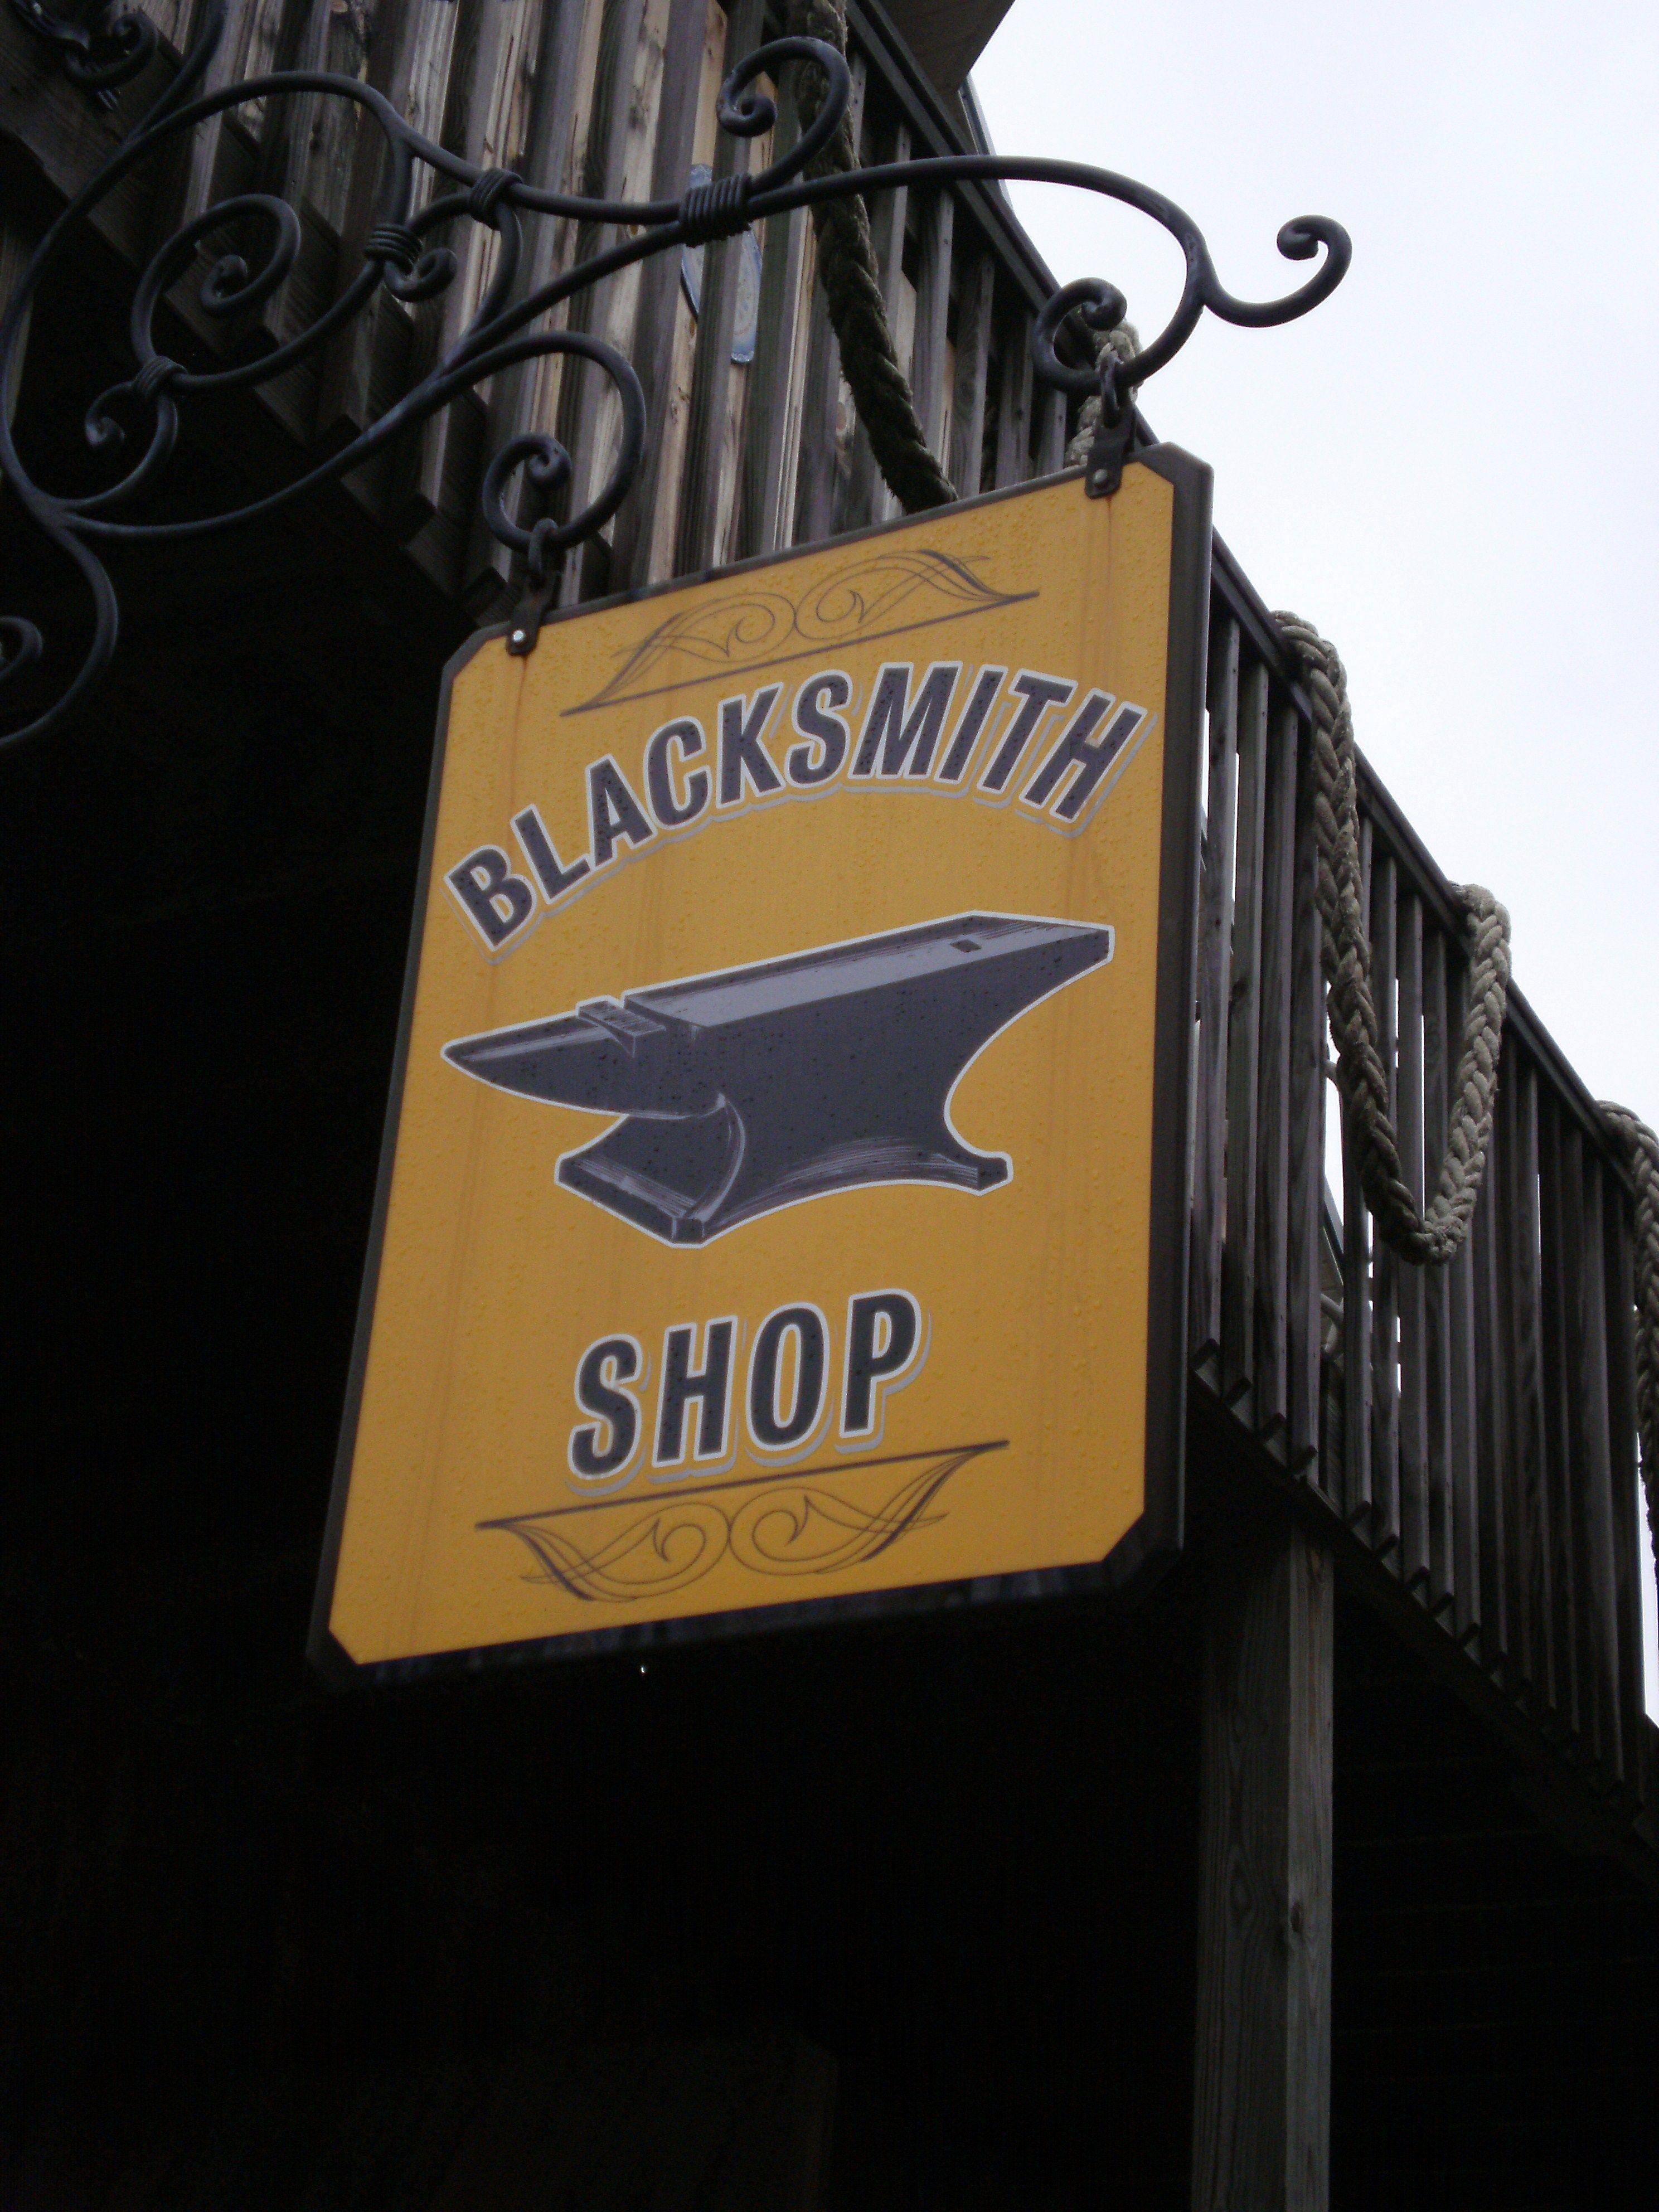 Anderson blacksmith shop williamsburg virginia with